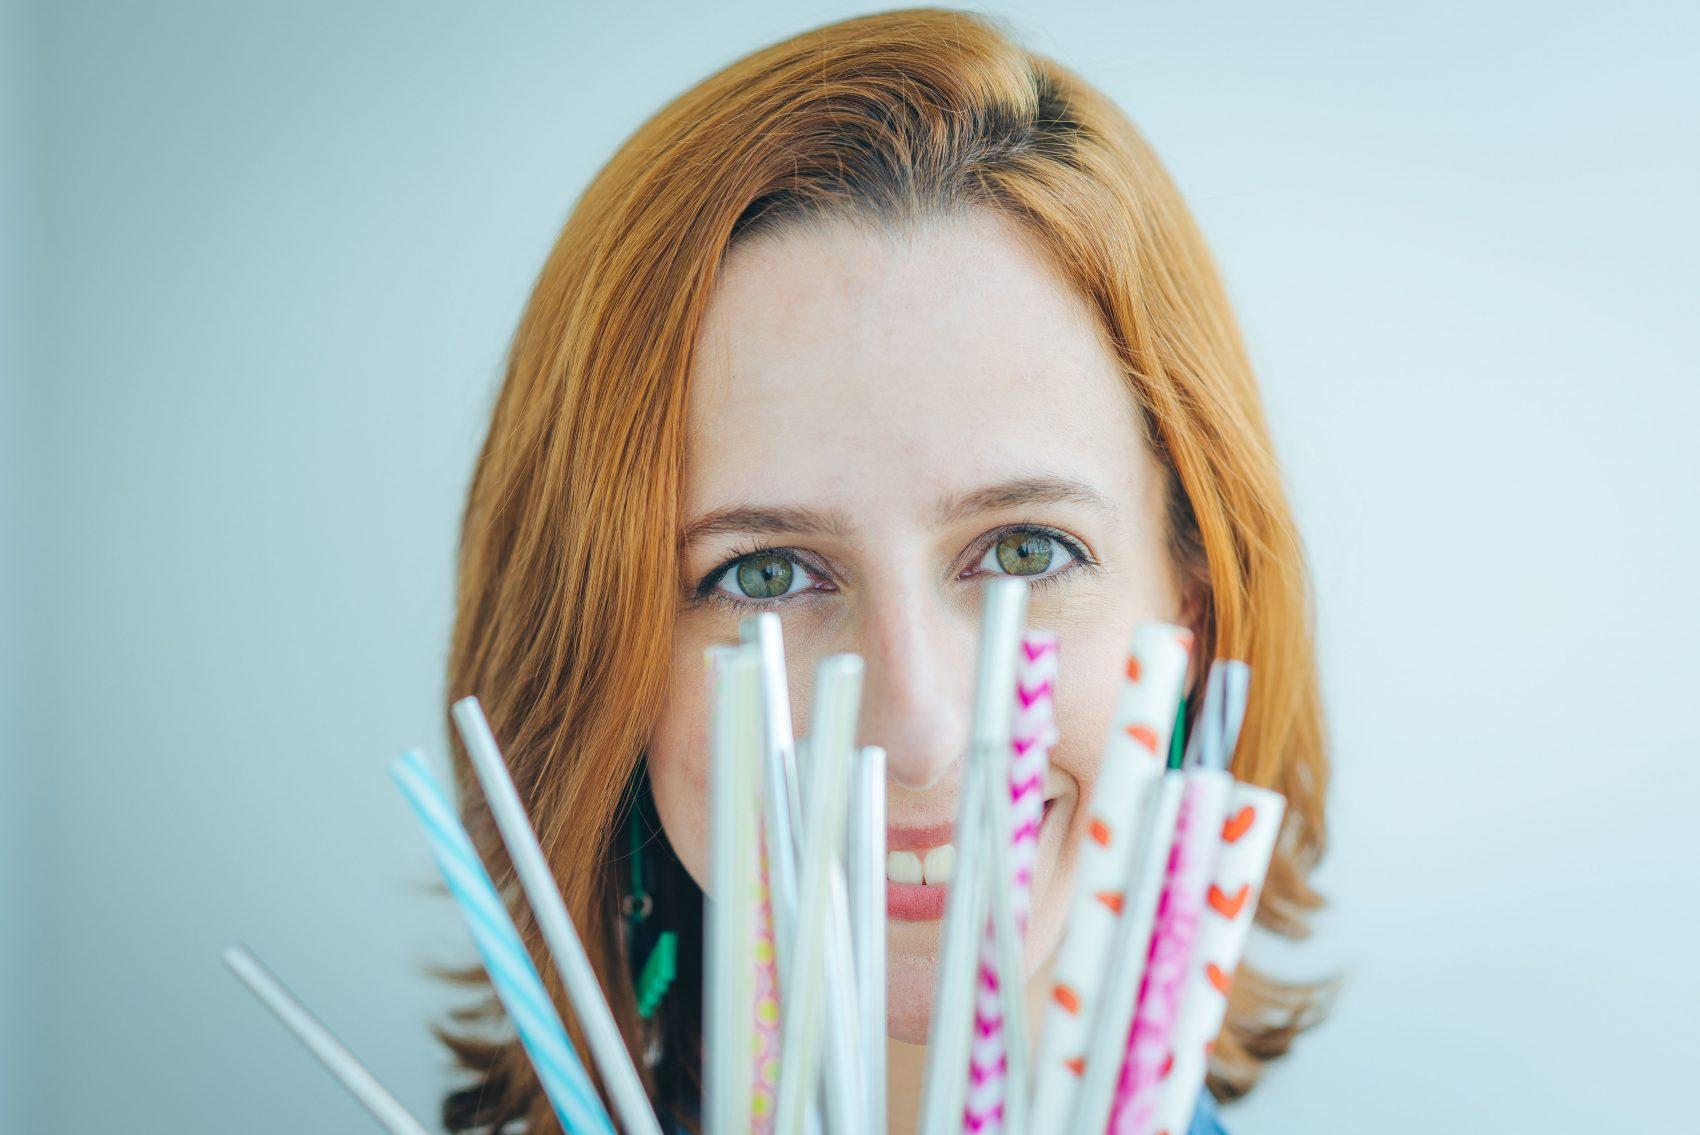 Juliana Oliveira, analista da área de Criação de Valor Compartilhado da Nestlé foi convidada a convidada a integrar um grupo de trabalho a empresa sobre canudinhos recicláveis dos achocolatados (Foto: Divulgação)